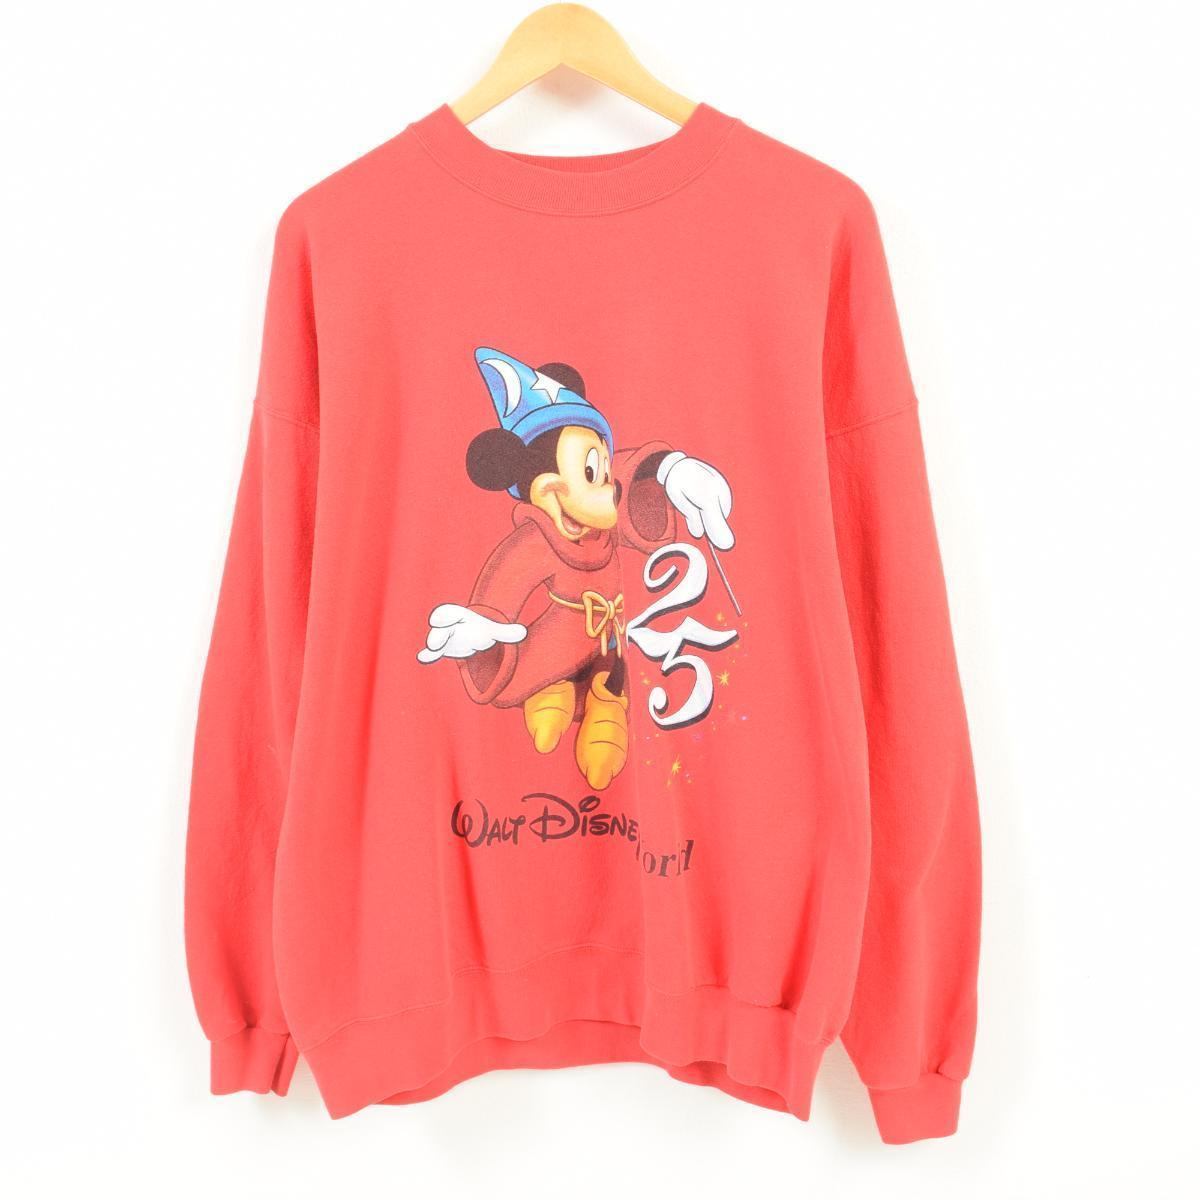 MICKEY MOUSE ミッキーマウス ファンタジア キャラクタースウェットシャツ トレーナー フリーサイズ /wan5673 【中古】 【180330】